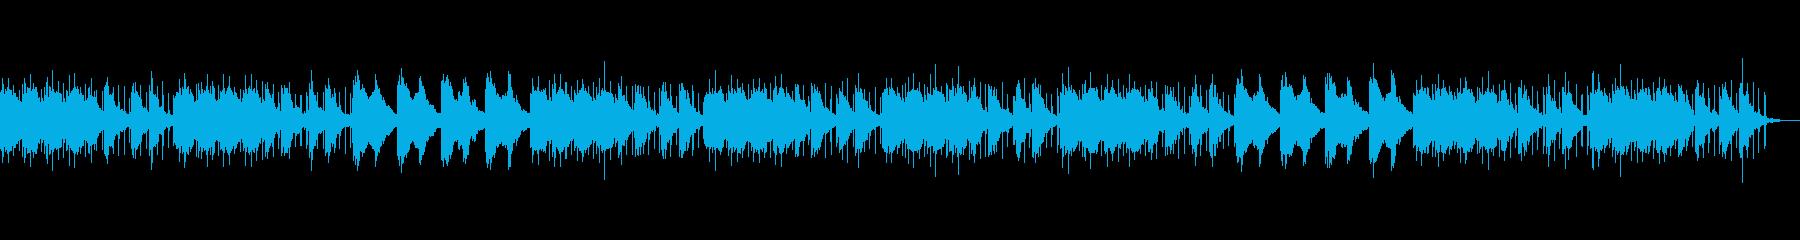 のんびり日和った暖かさのあるBGMの再生済みの波形